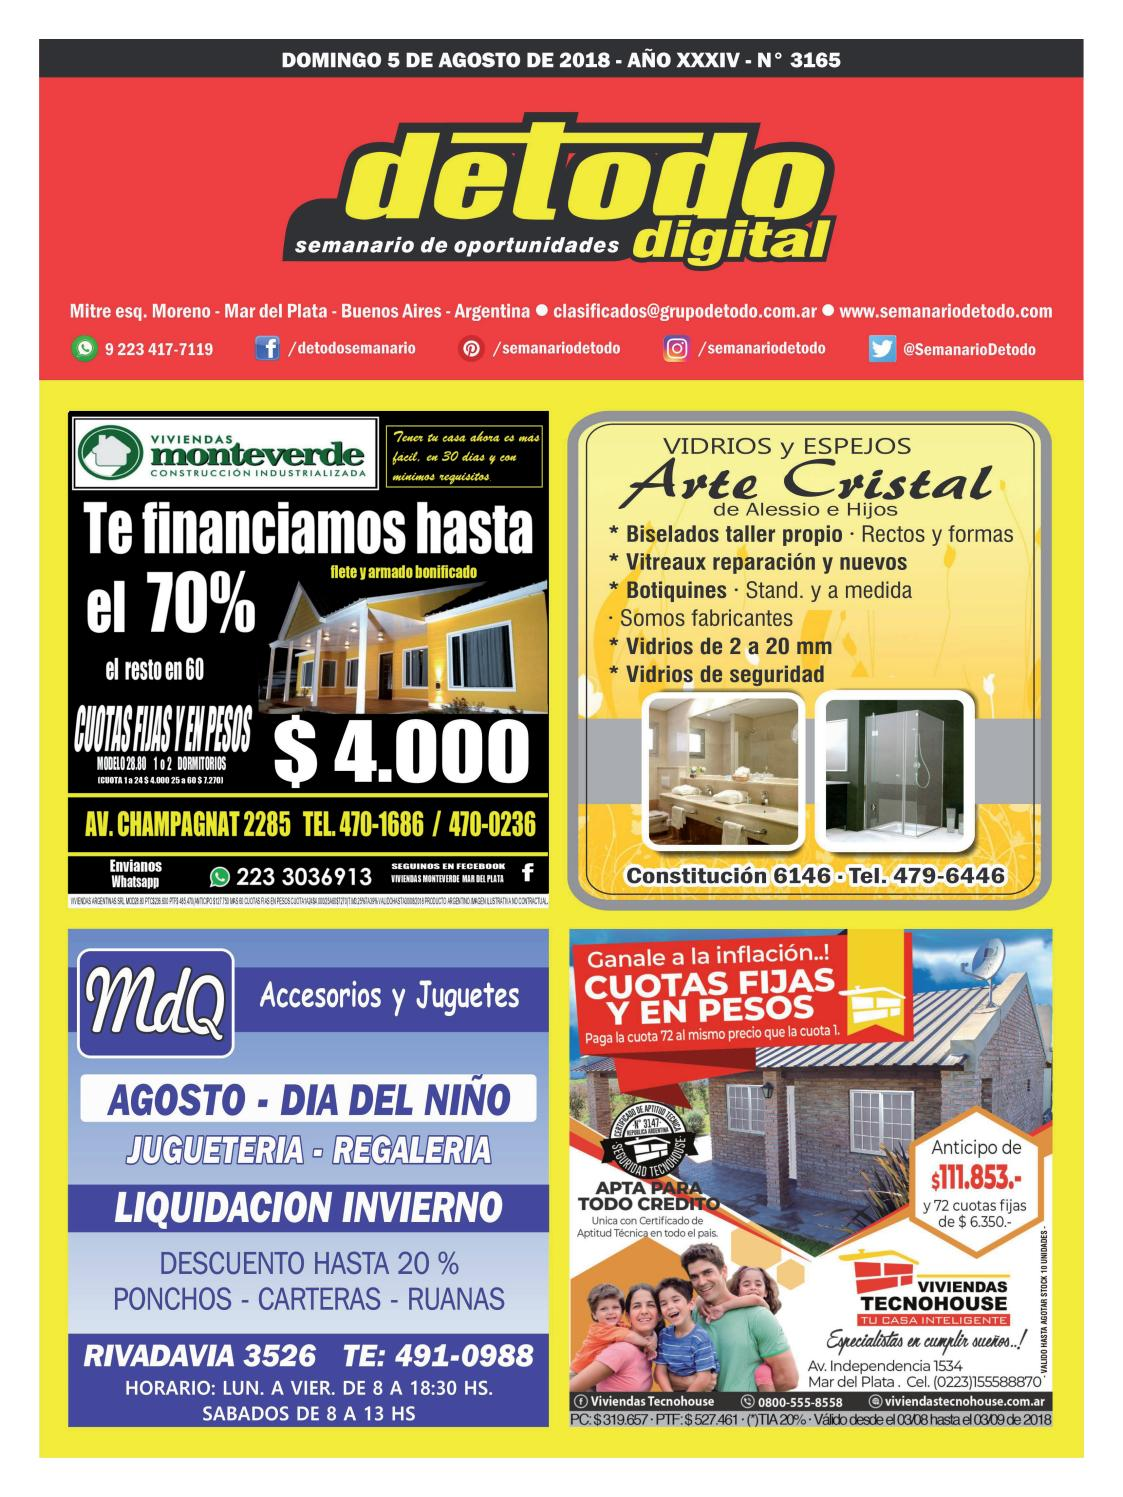 17afd95531ba Semanario Detodo - Edición N° 3165 - 05 08 2018 by Semanario Detodo - issuu